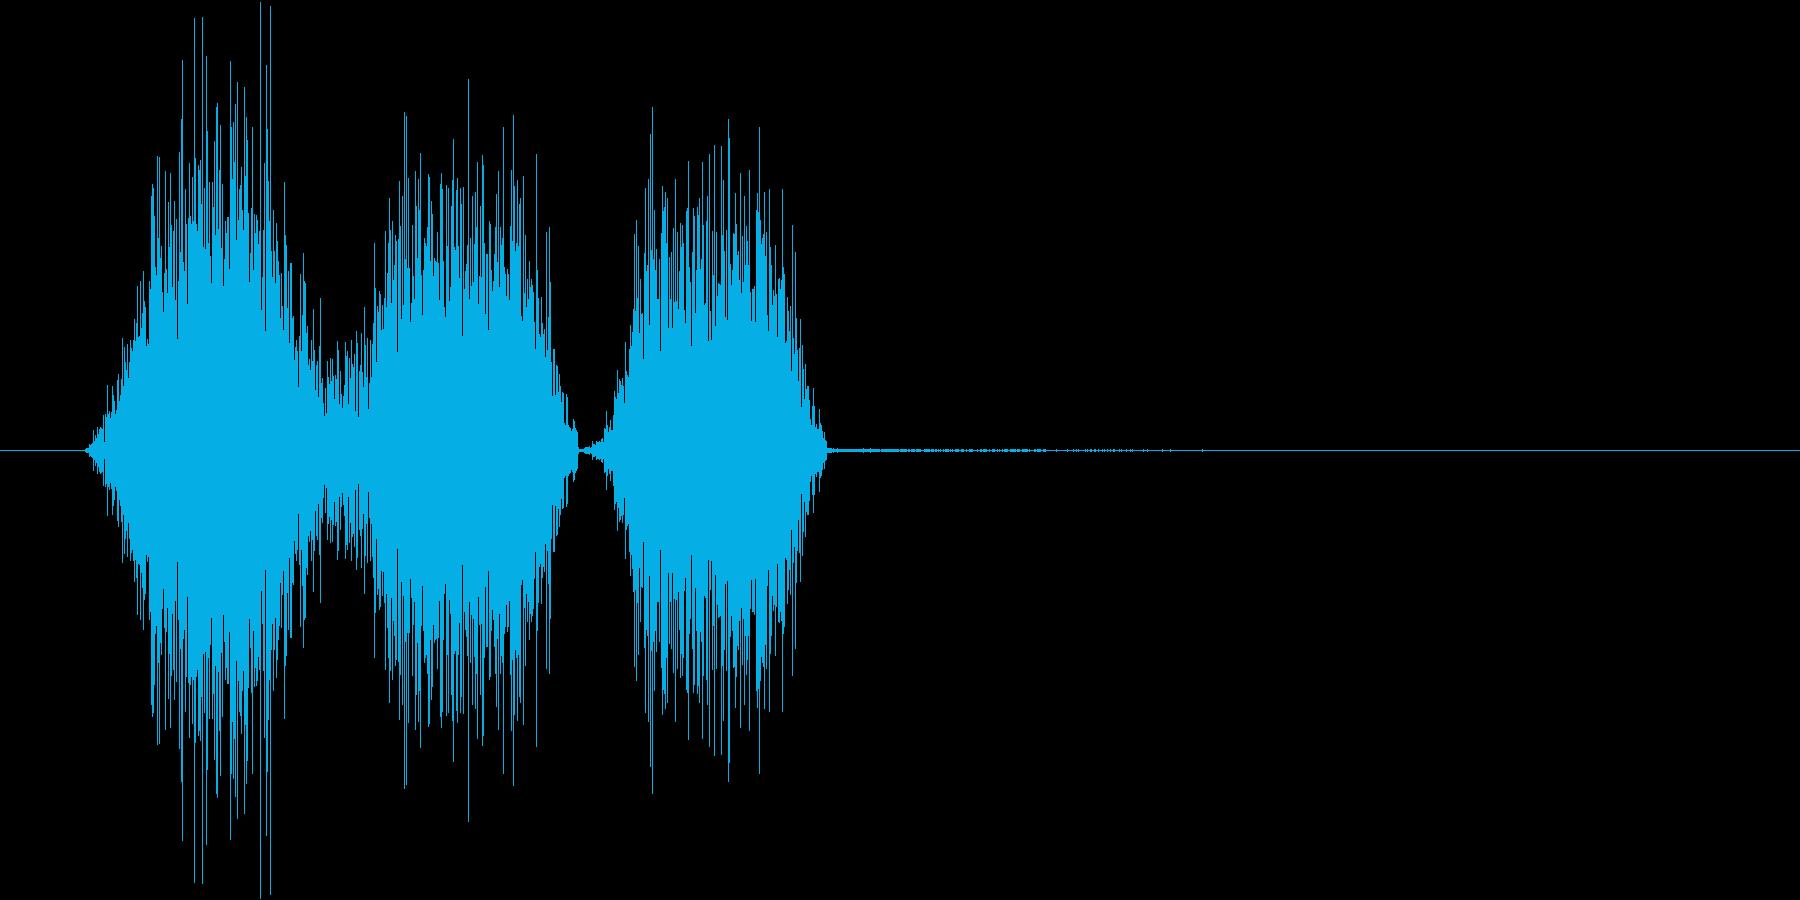 物を素早く盗むときの効果音の再生済みの波形